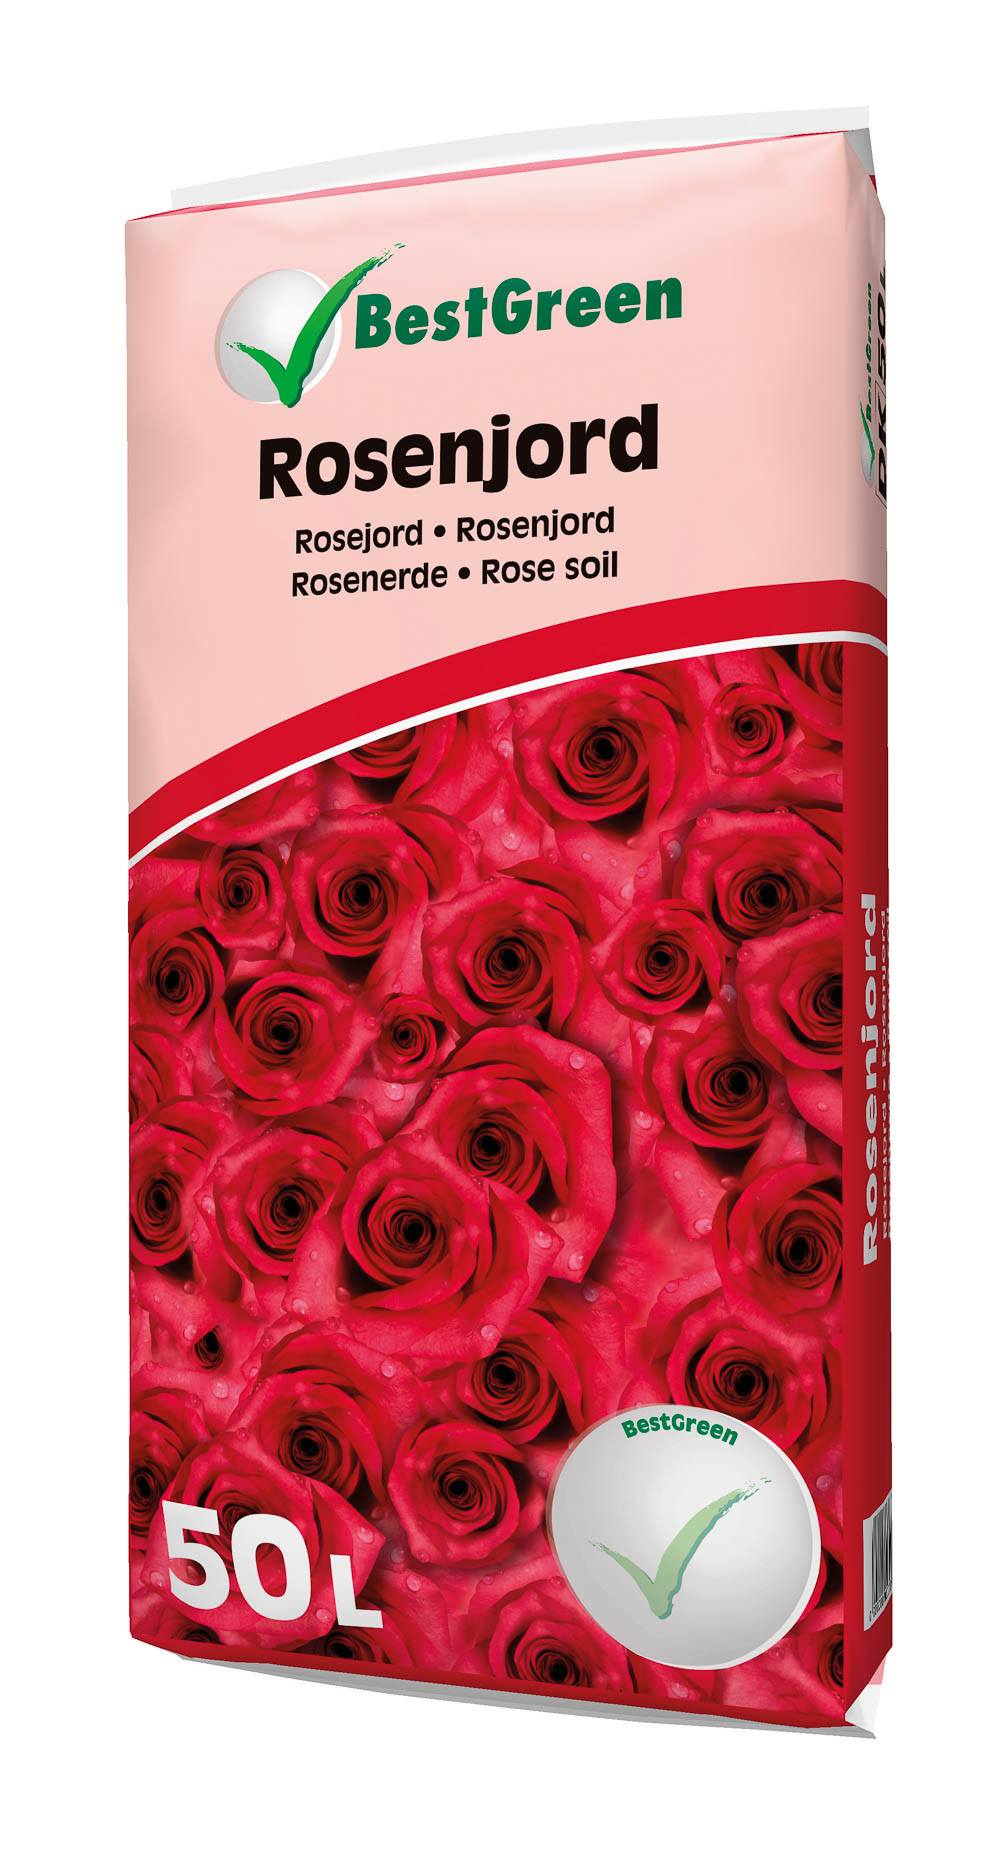 Rosenjord 50 liter - BestGreen